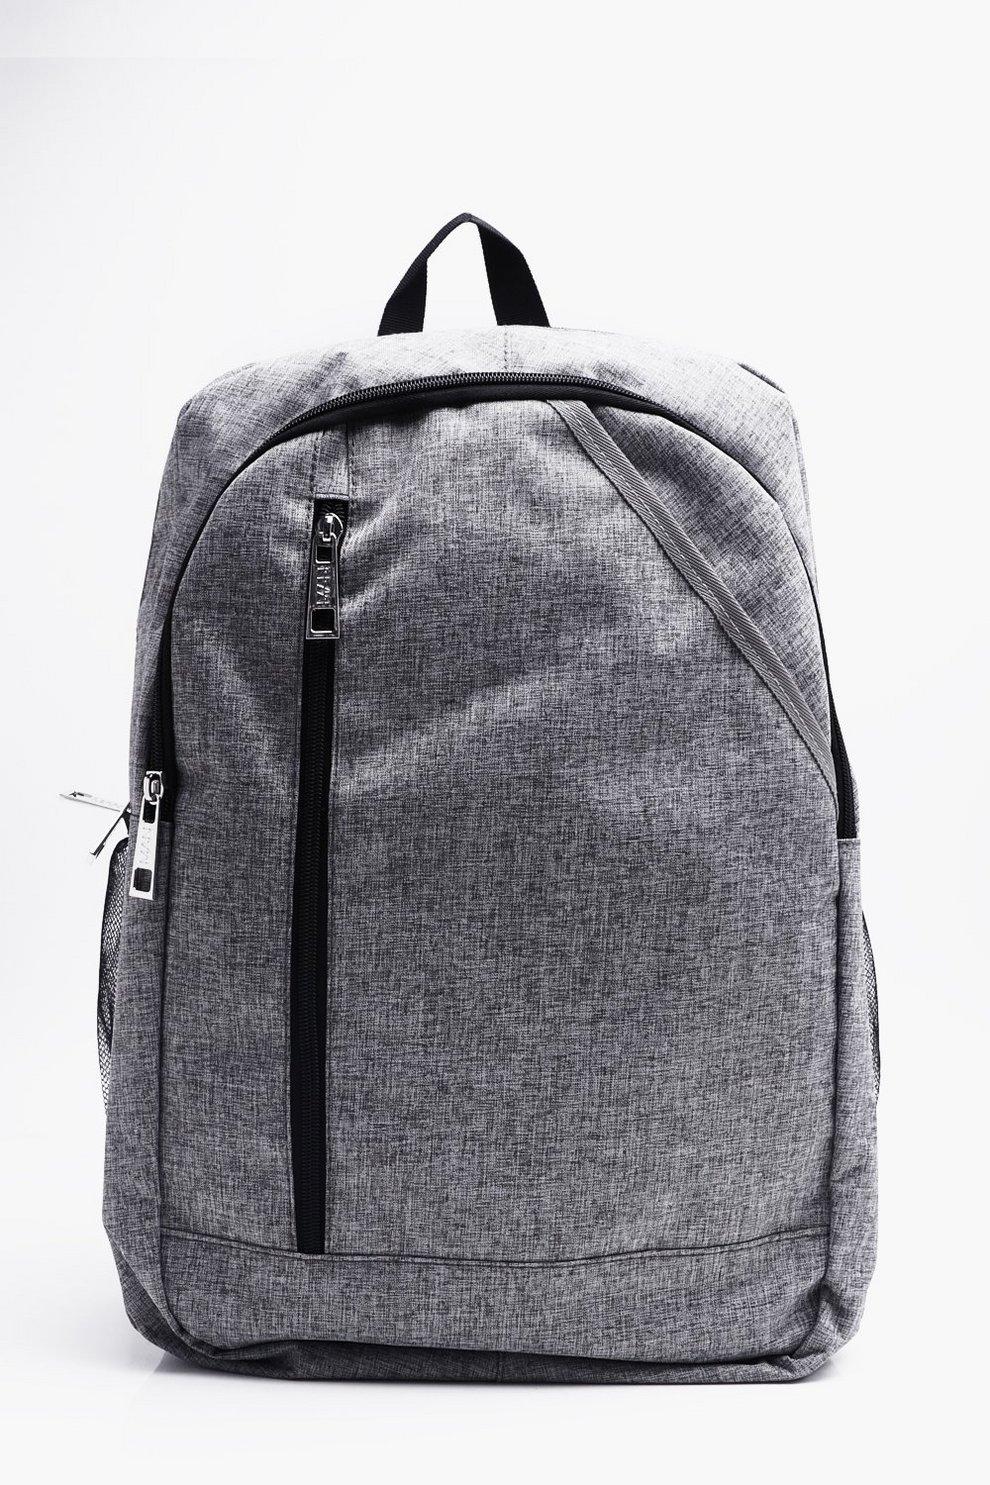 bbb05b00a0d56 Strukturierter Rucksack mit mehreren Taschen